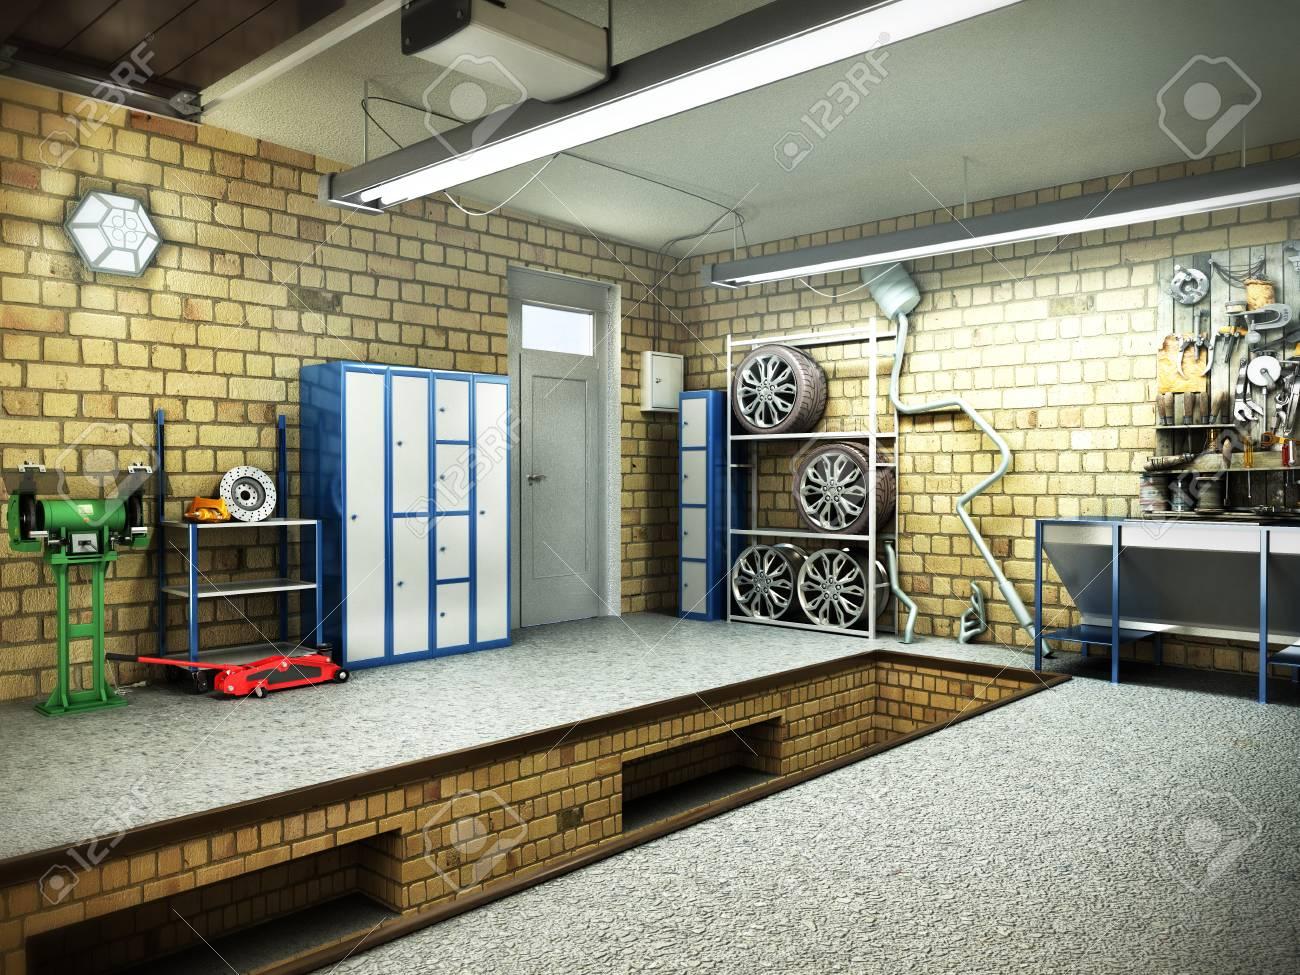 banque dimages vue dun intrieur 3d de garage avec le rendu 3d ouvert de porte de rouleau